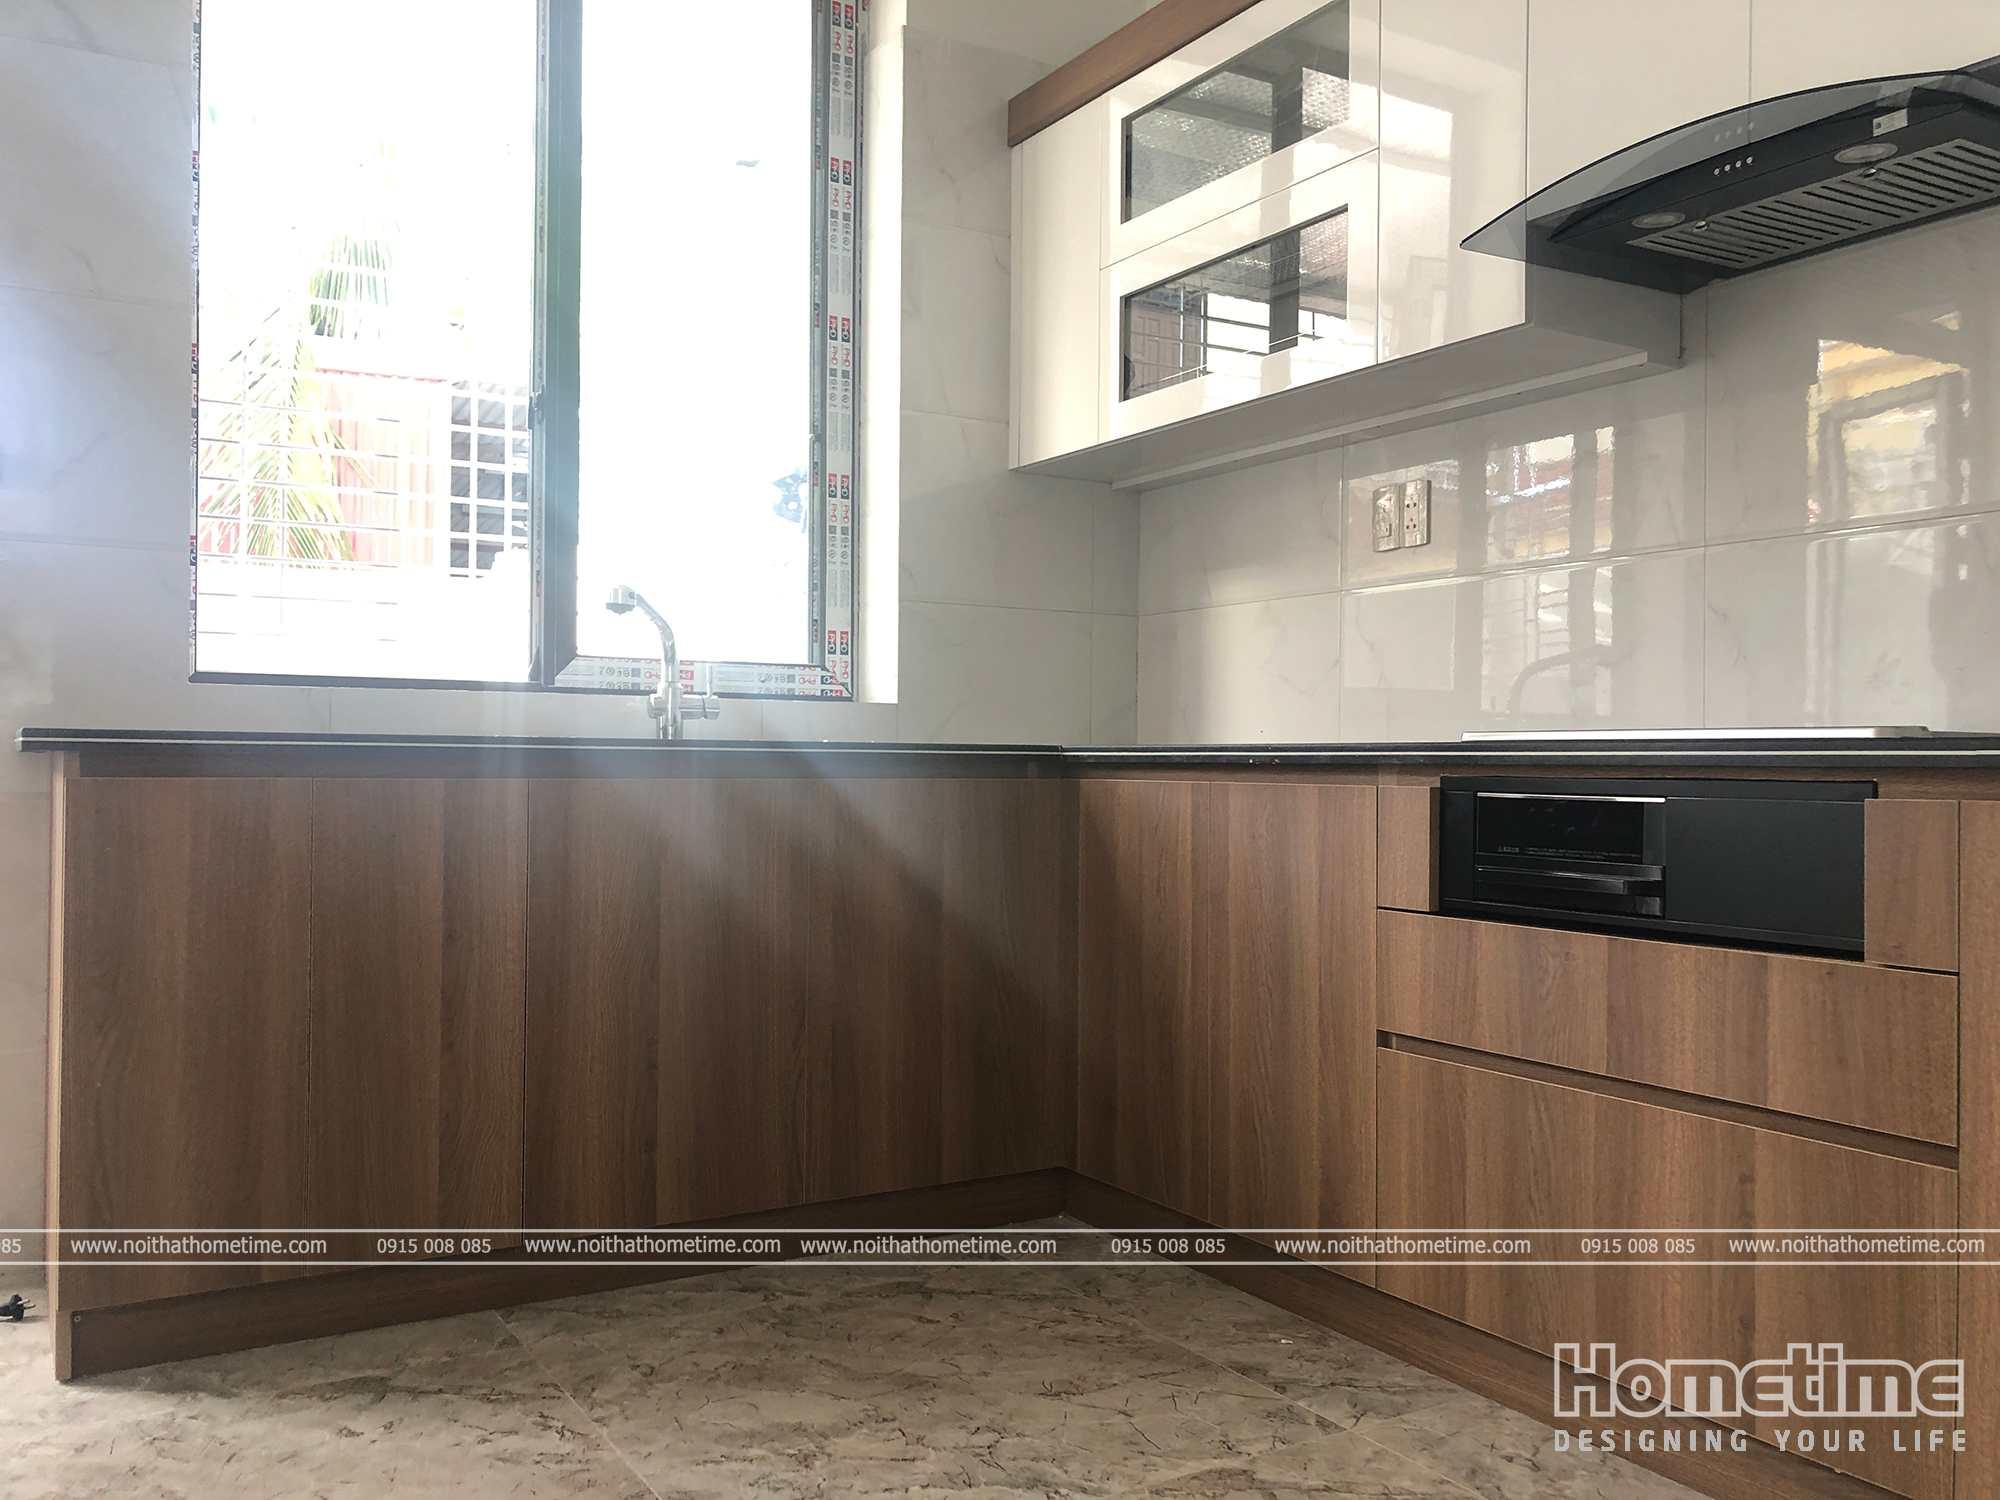 Không gian phòng bếp thoáng mát với thiết kế cửa sổ